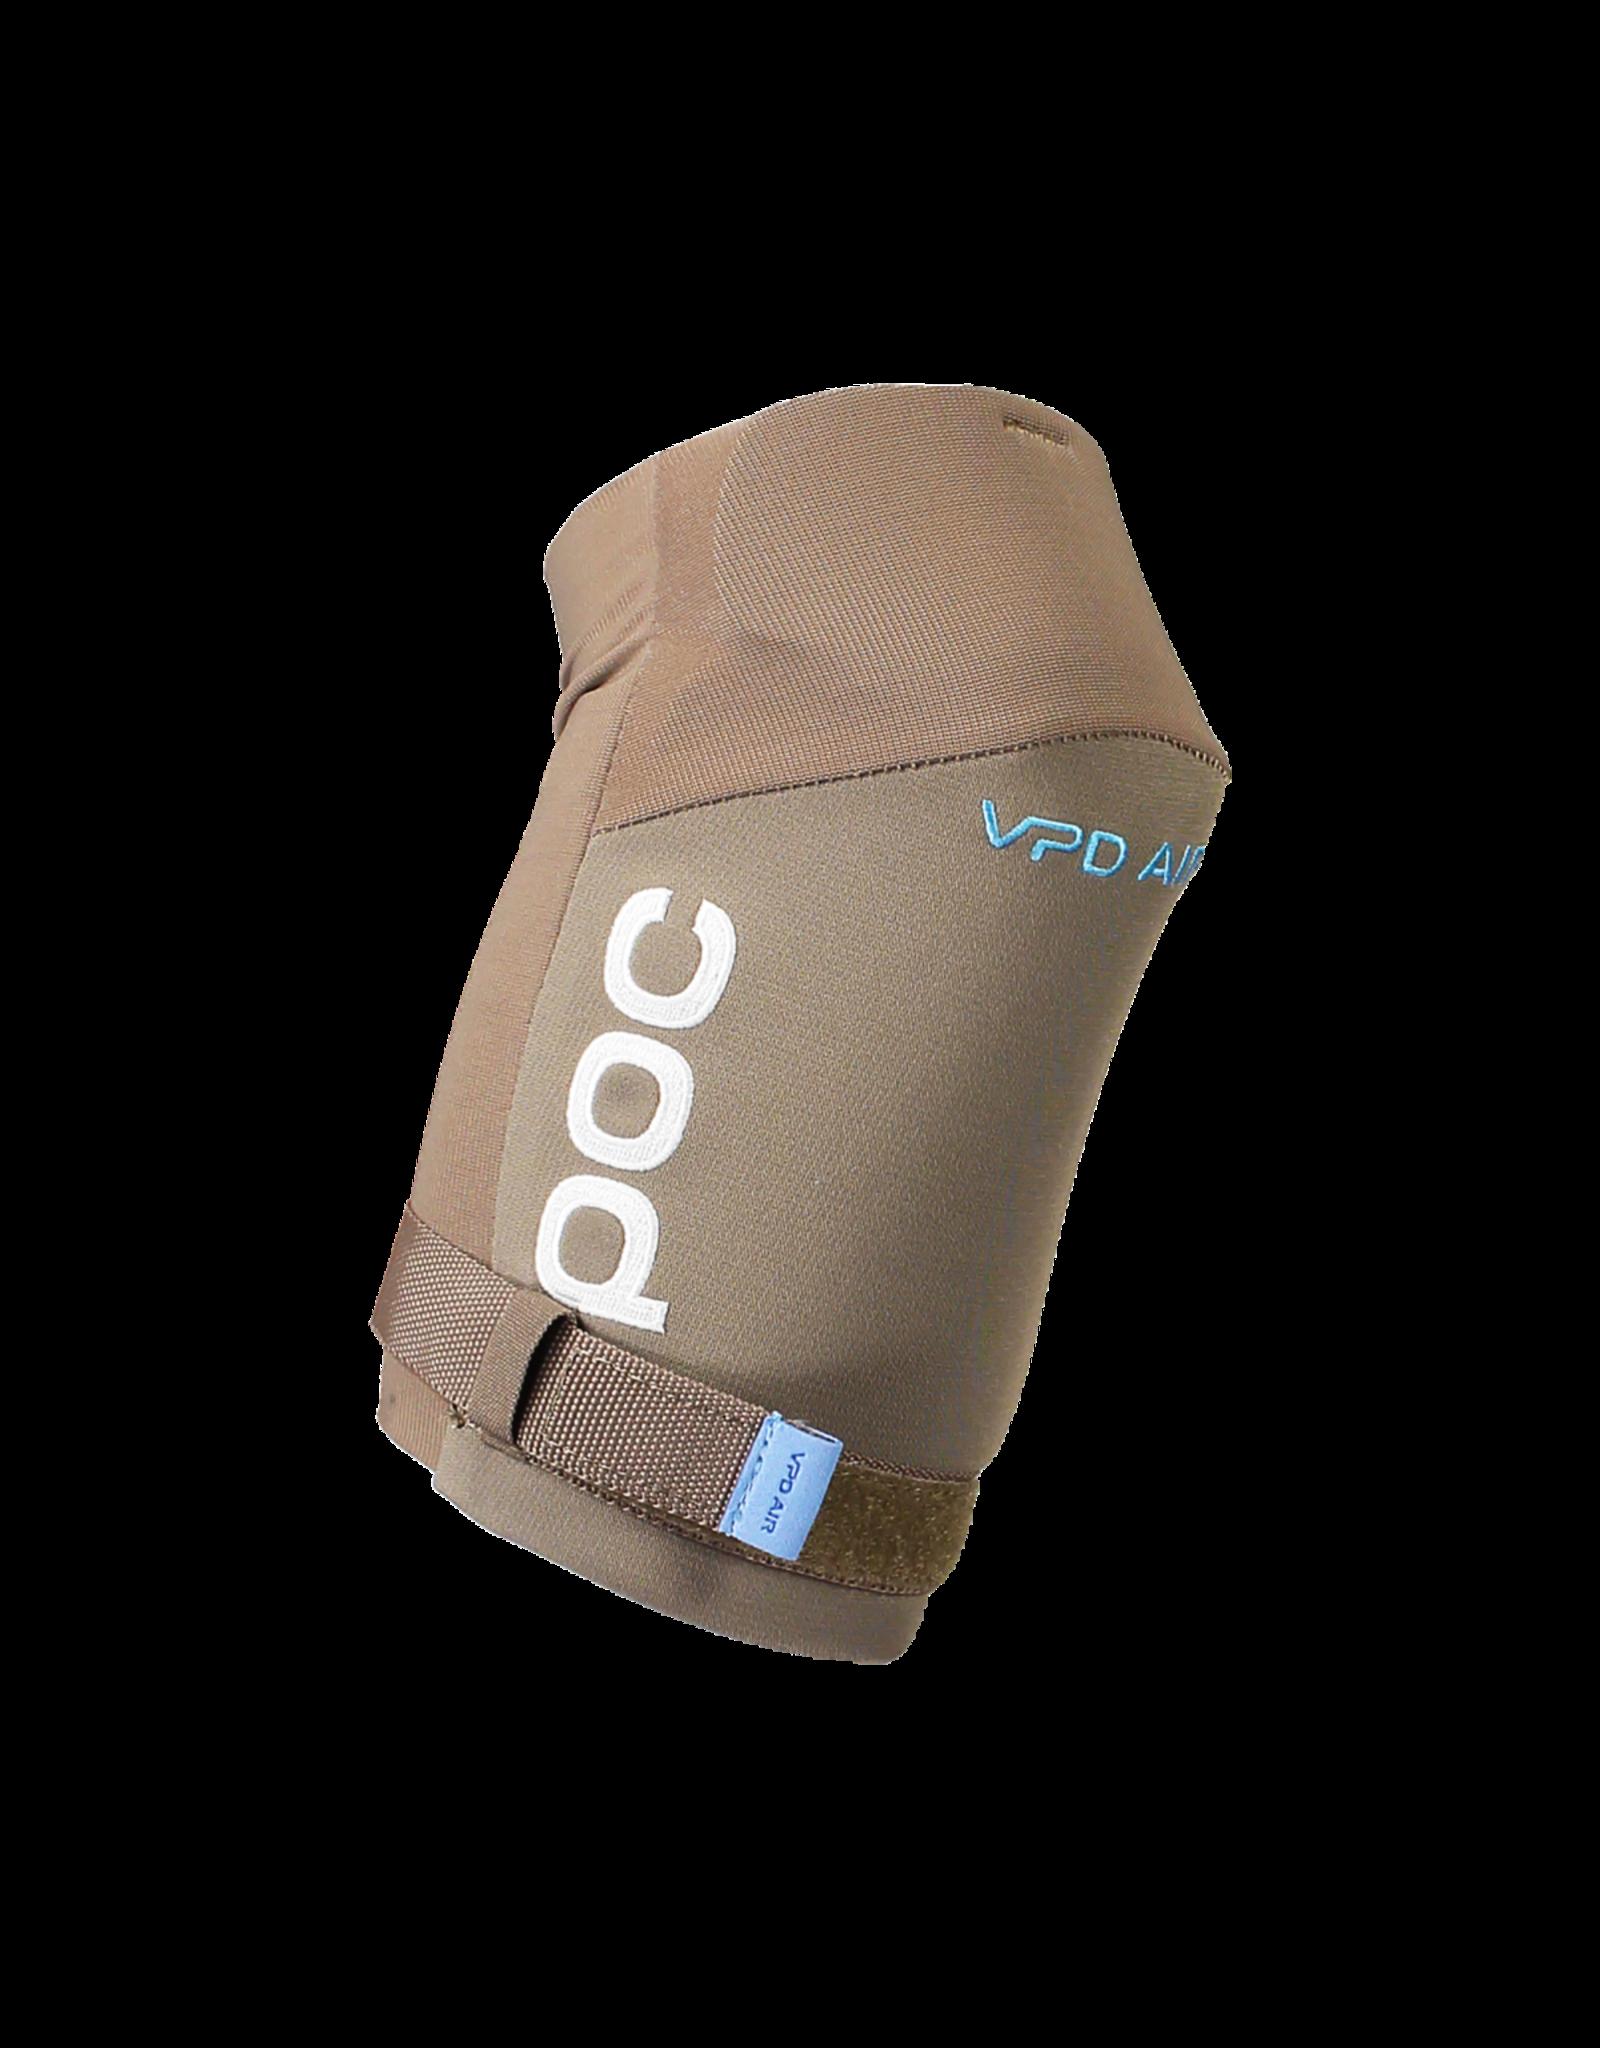 POC Protège-coudes POC Joint VPD Air